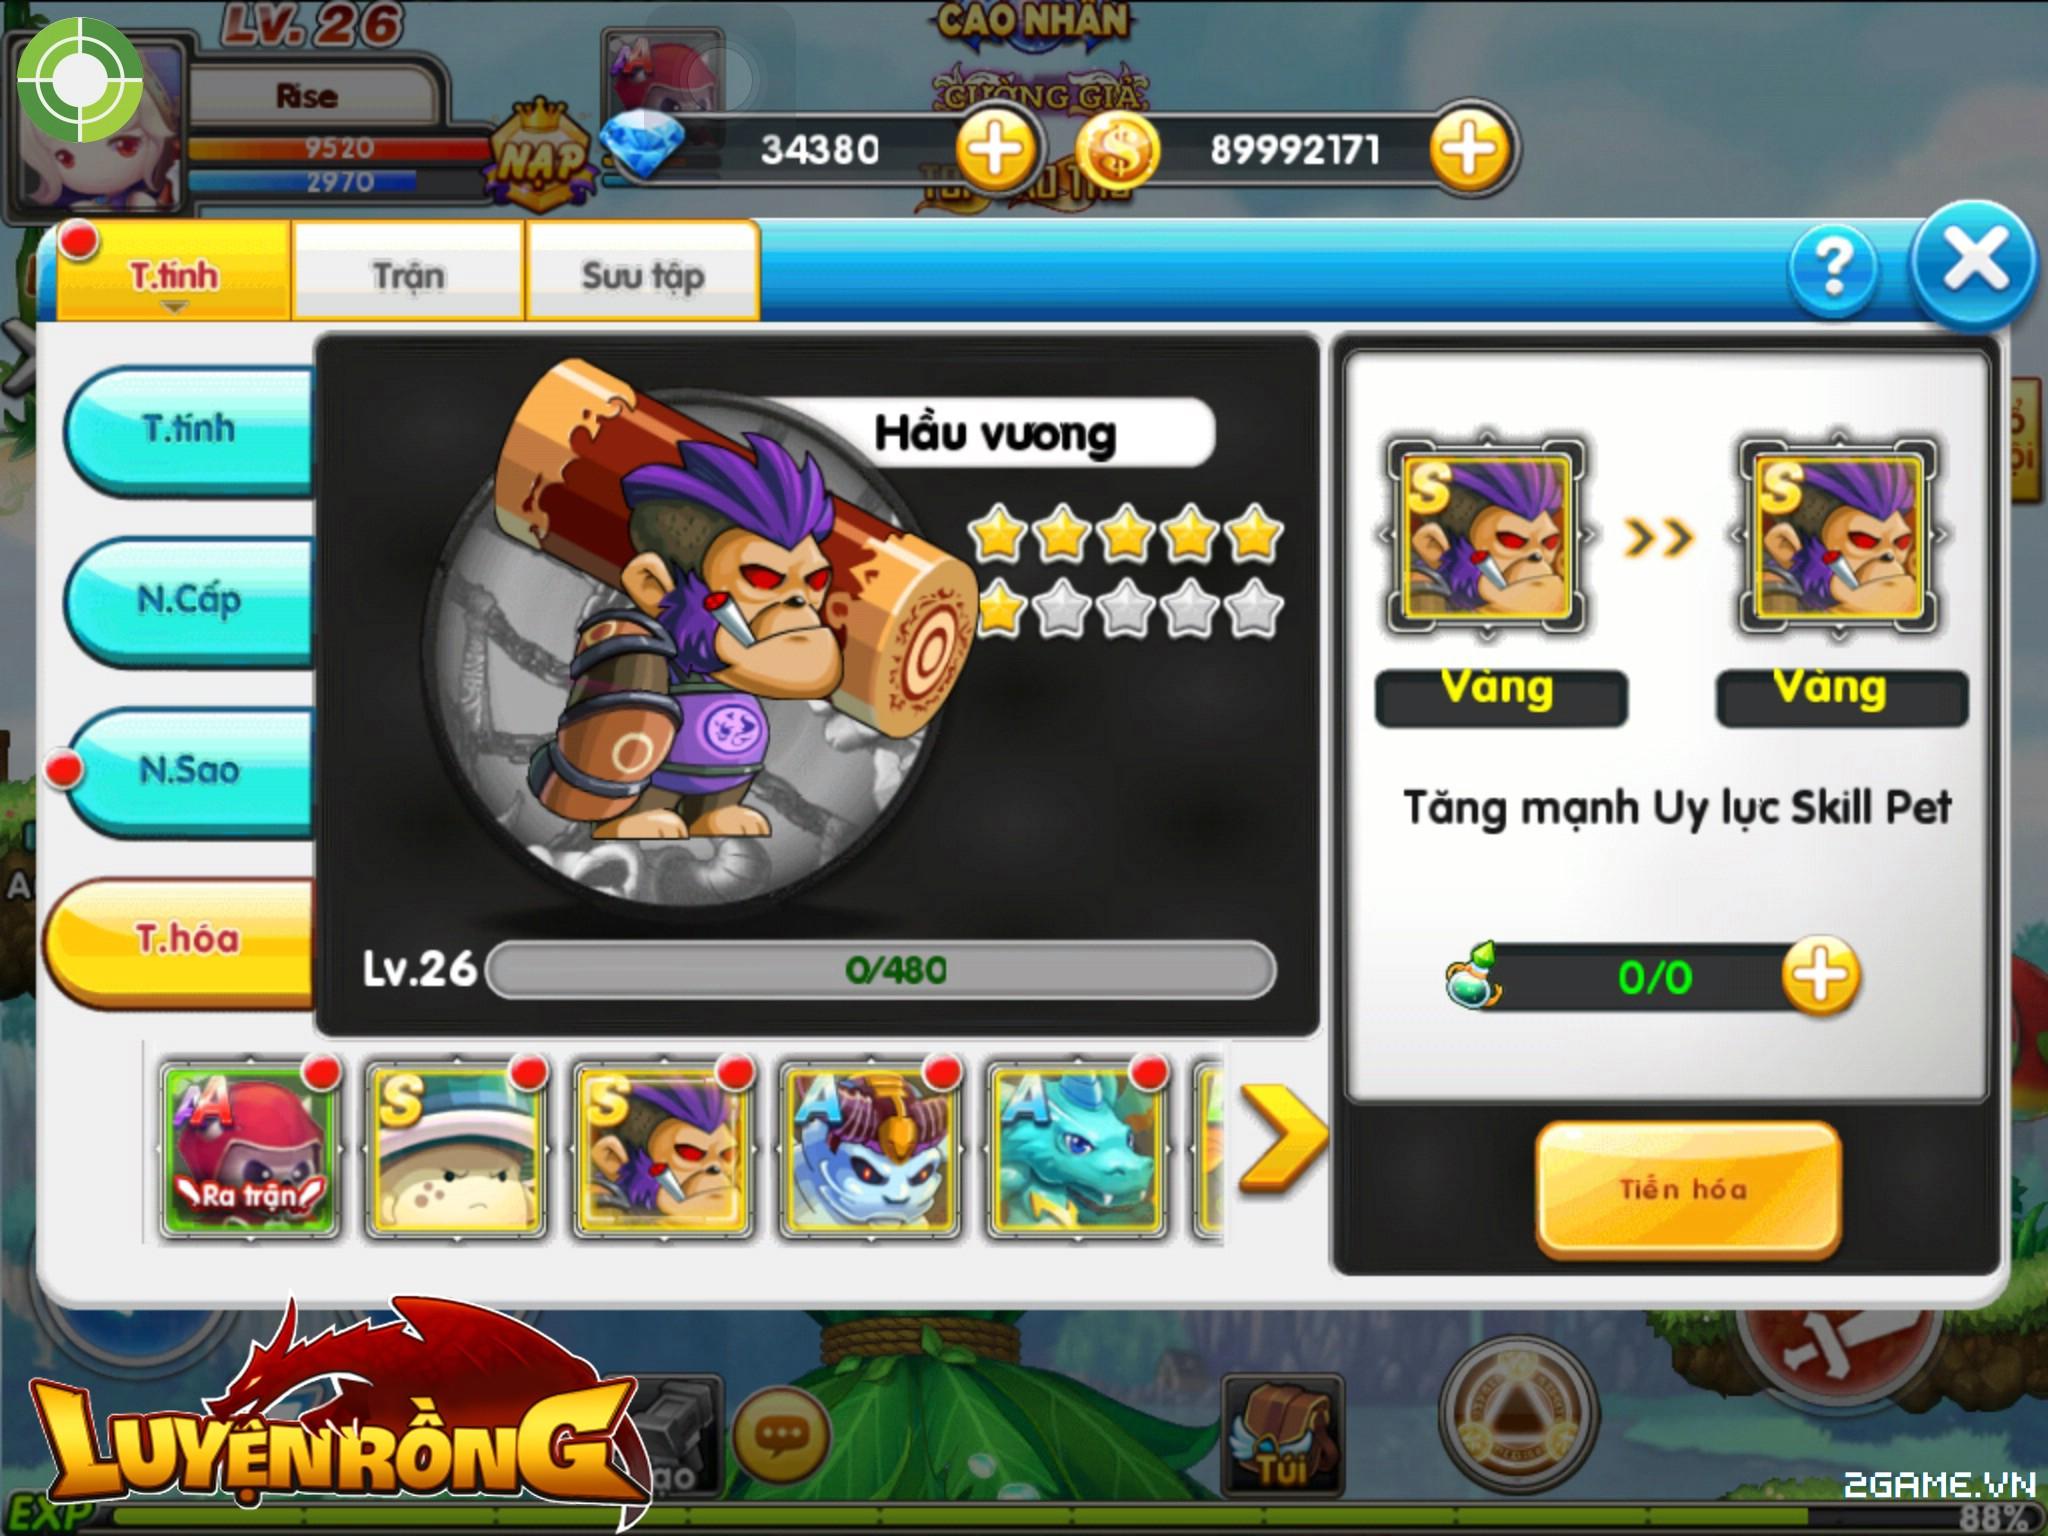 Tìm hiểu hệ thống pet trong Luyện Rồng mobile 5